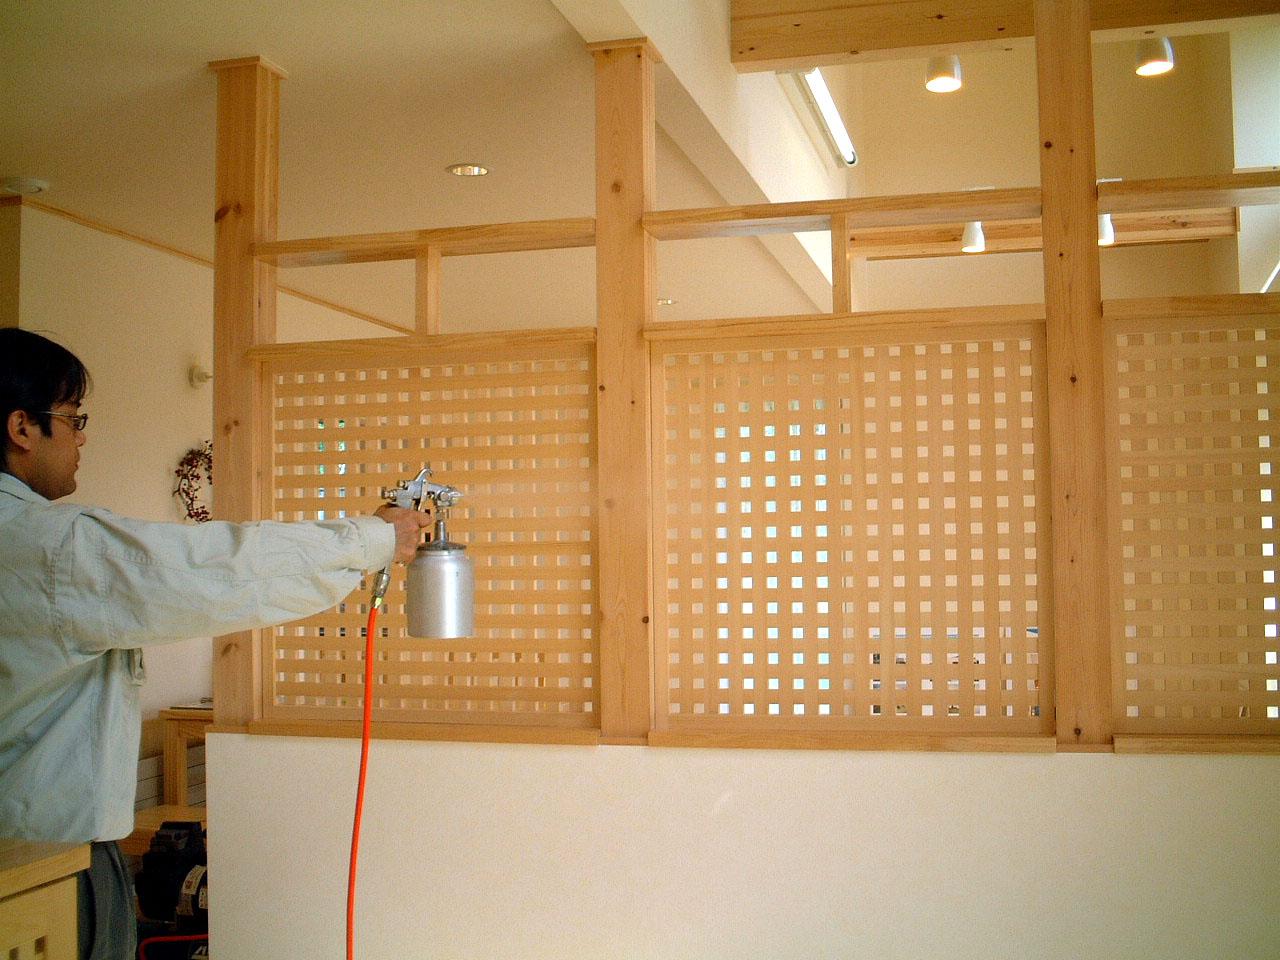 「お部屋の空気を変えたい!」という方に、このSODリキッド工法をおすすめしています。